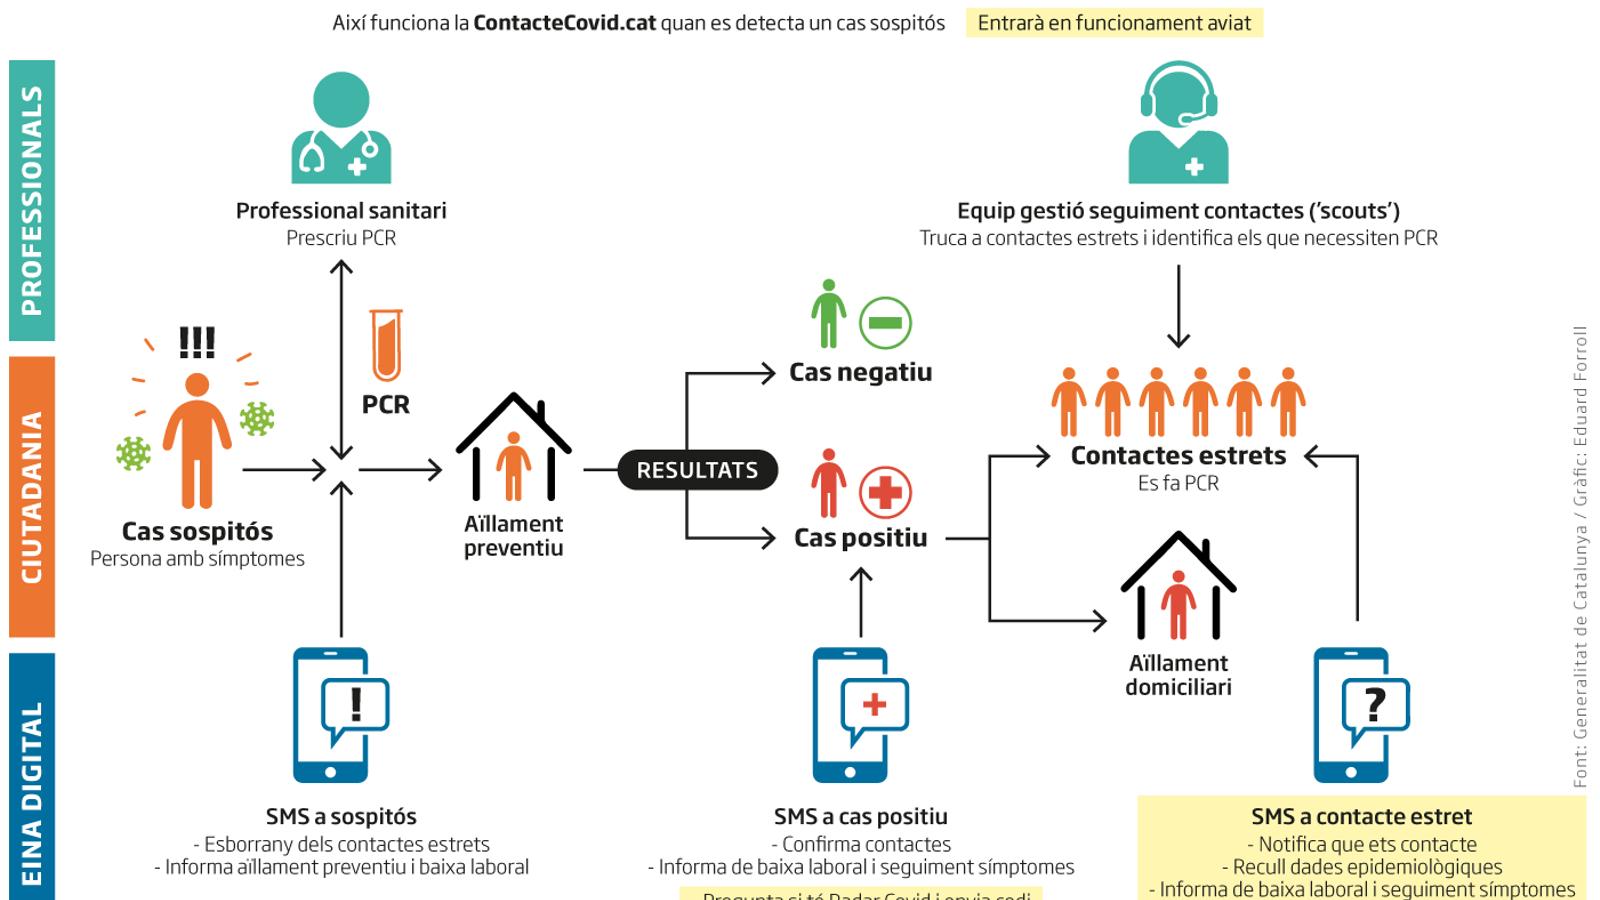 Catalunya activa el rastreig de covid via SMS